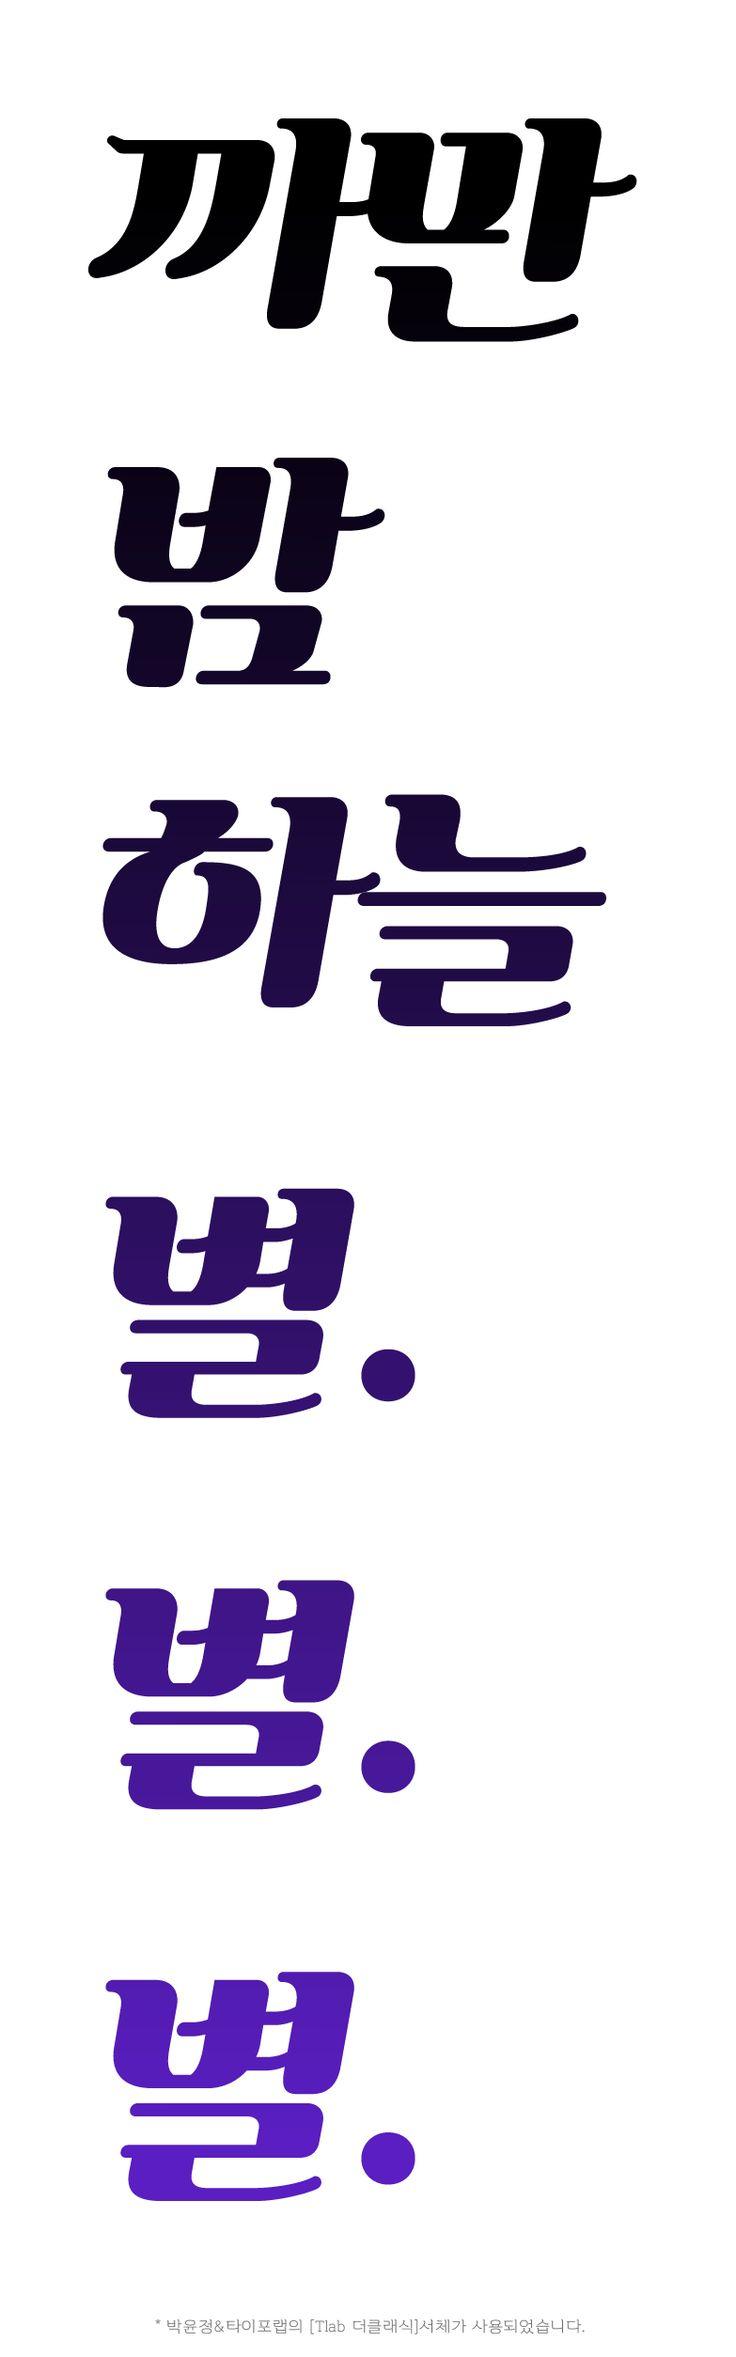 [박윤정&타이포랩]신규서체![PYJ&Typolab] New Typeface!! Tlab Theclassic!! #더클래식 #서체 #박윤정앤타이포랩 #Type #Font #TheClassic #typo